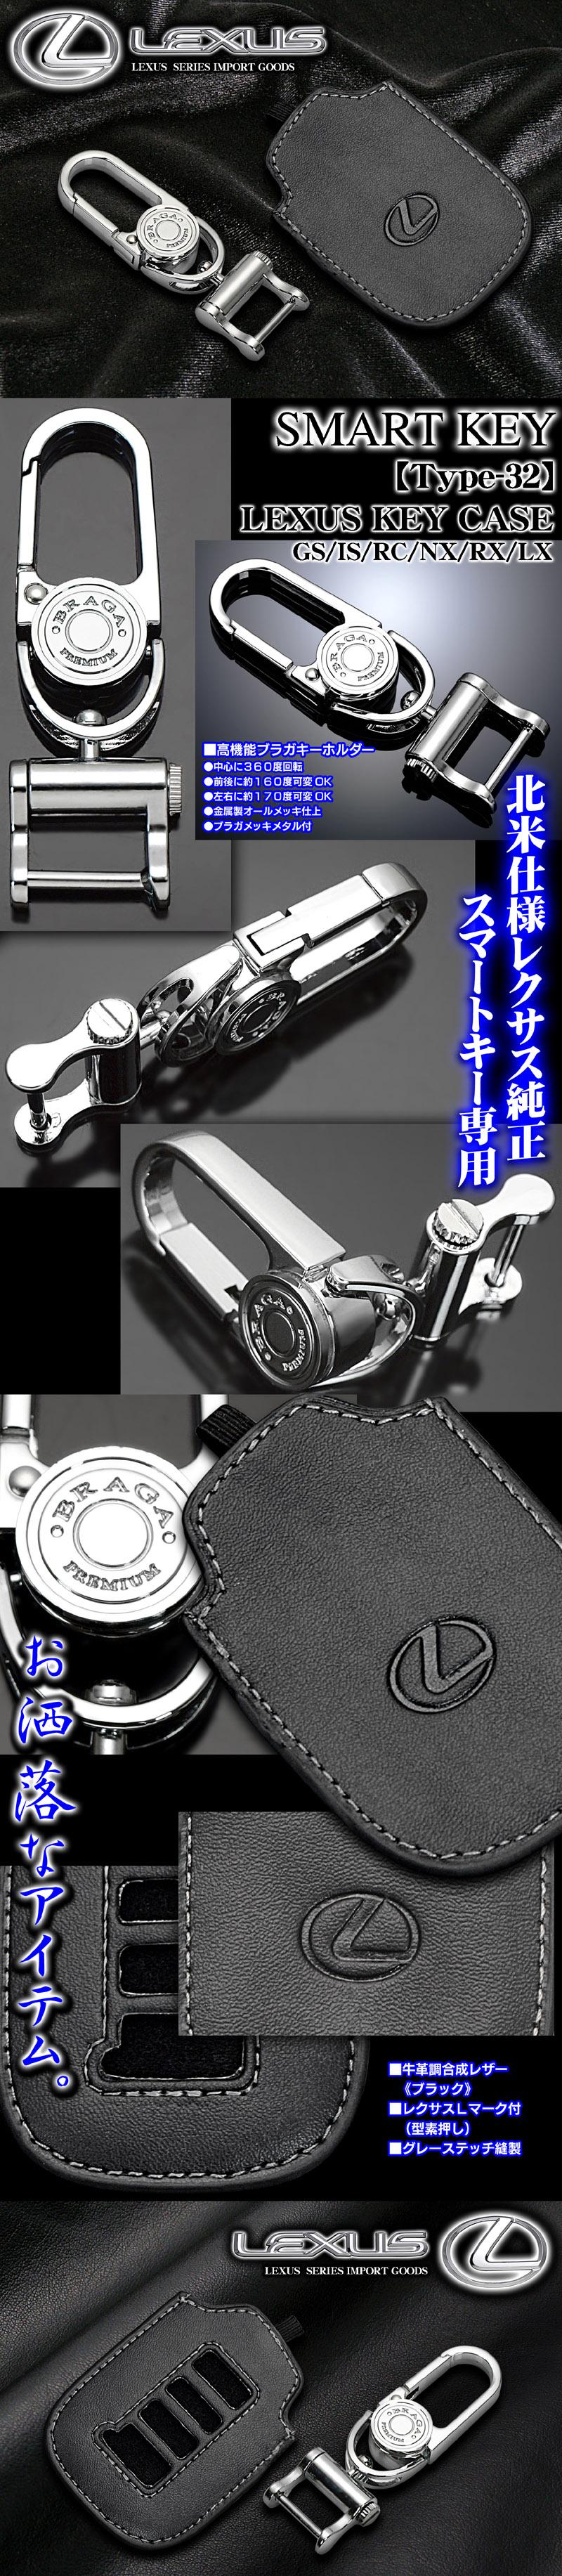 タイプ32【レクサス/スマートキー】キーケース&ブラガキーホルダー付[ブラック/牛革調合成レザー]